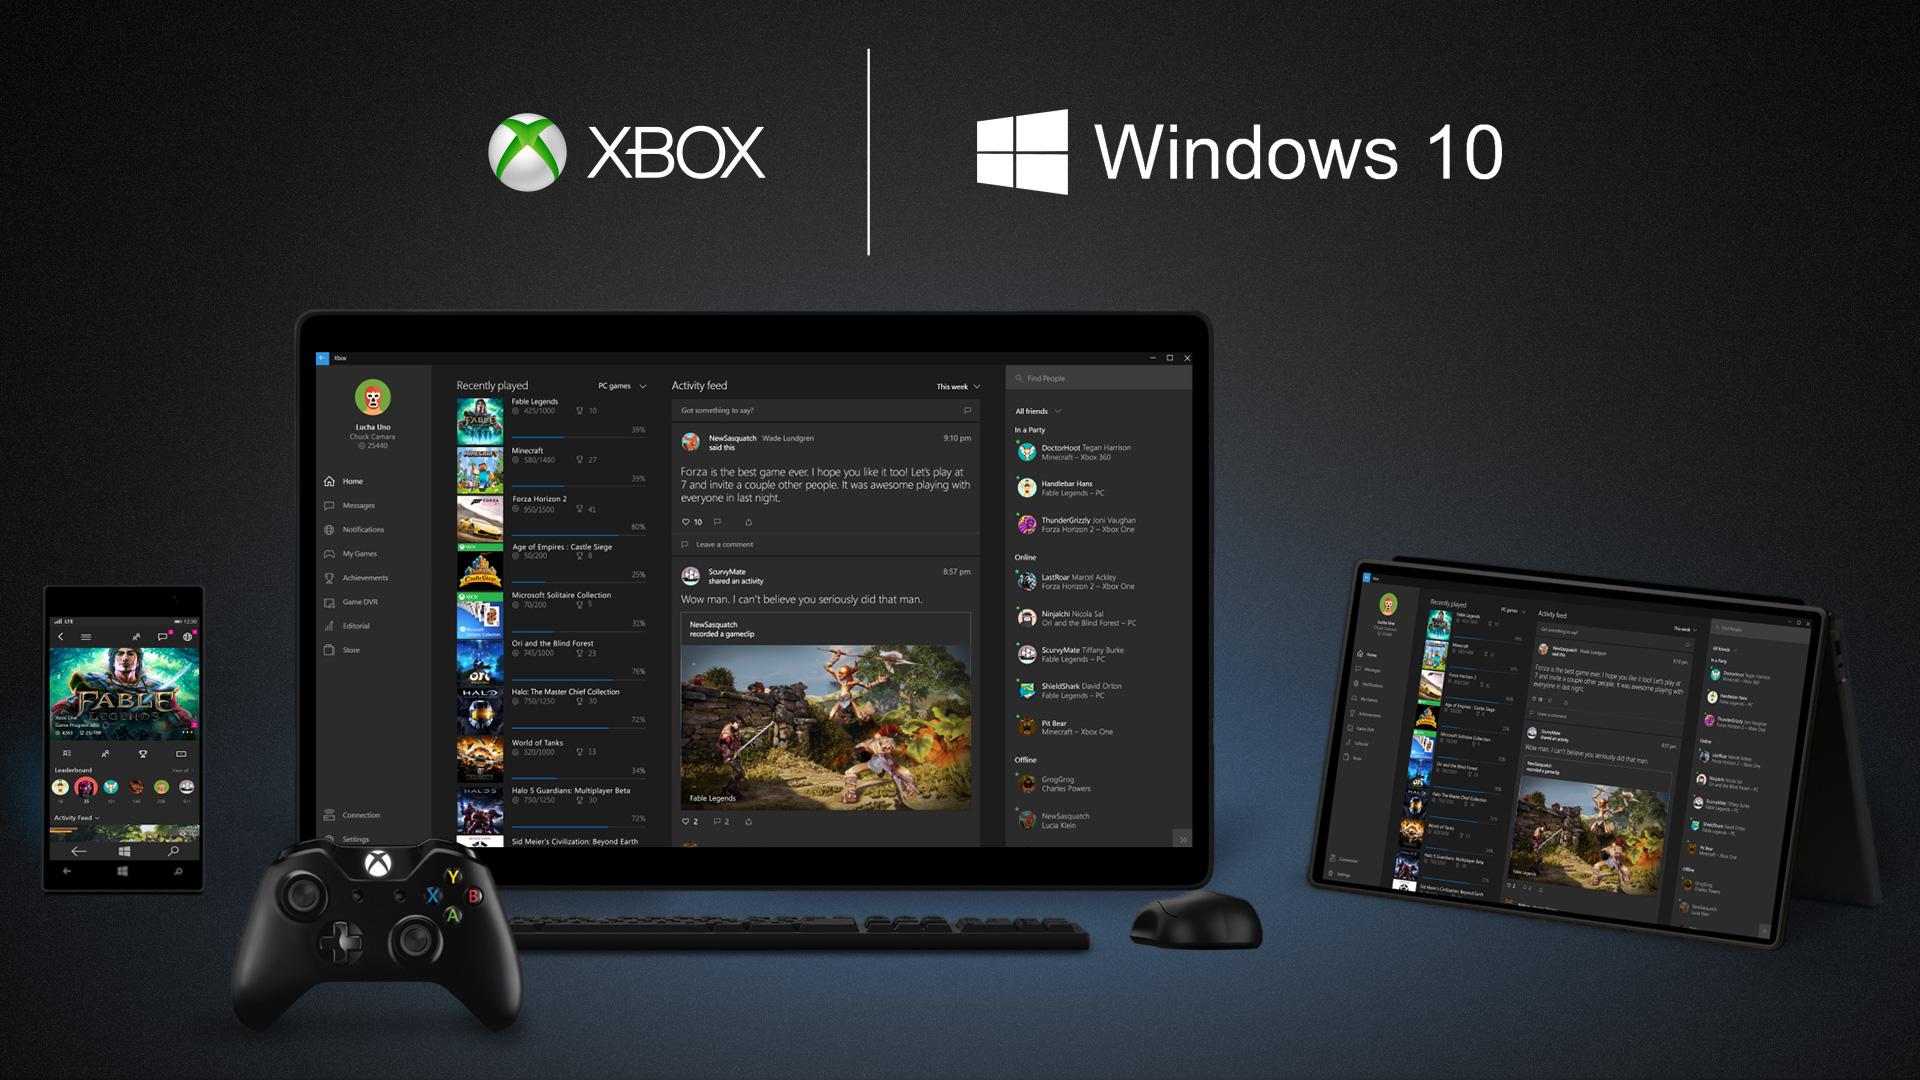 مؤتمر مايكروسوفت: الملخص الشامل عن ويندوز 10 win10_xbox_devices_w